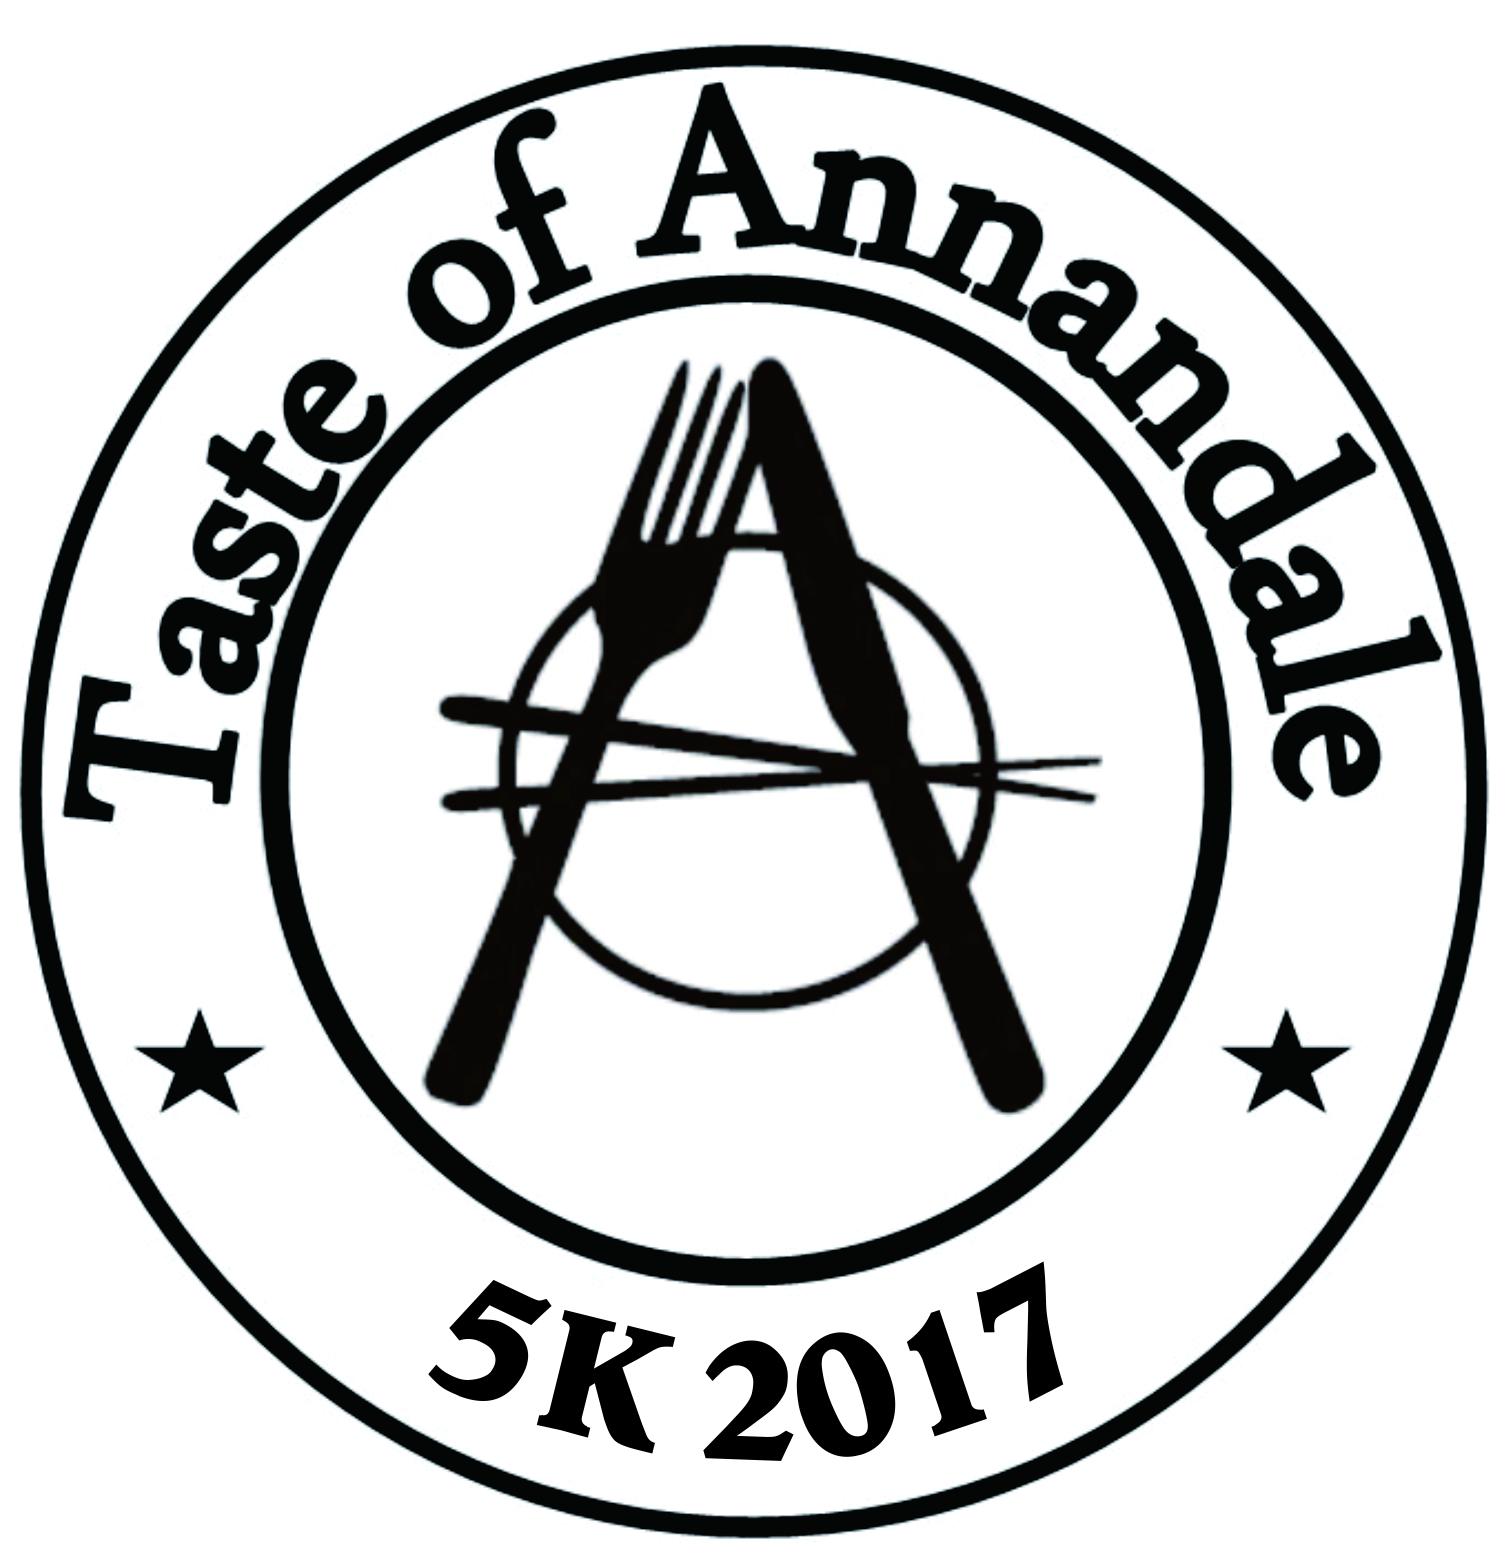 Taste of Annandale 5K Logo